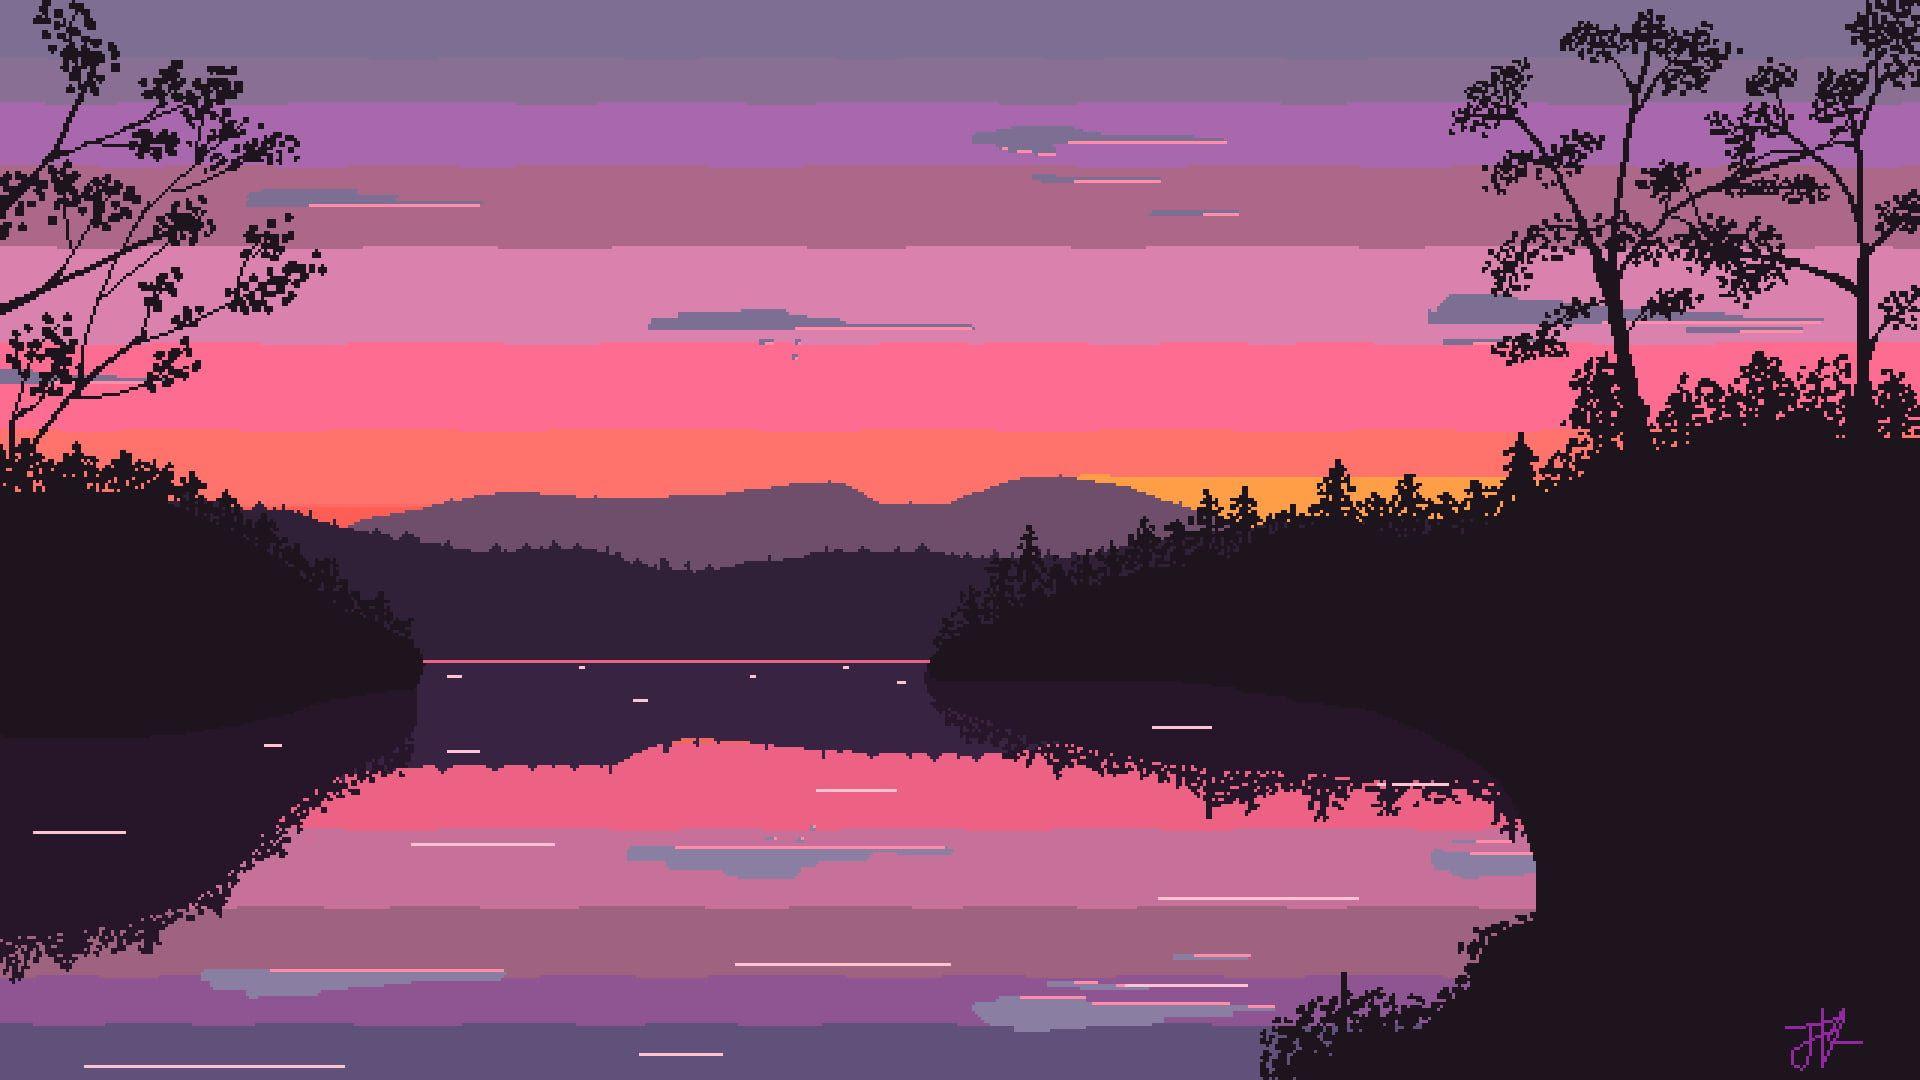 Aesthetic Pixel Art Widescreen Wallpaper 49289 - Baltana